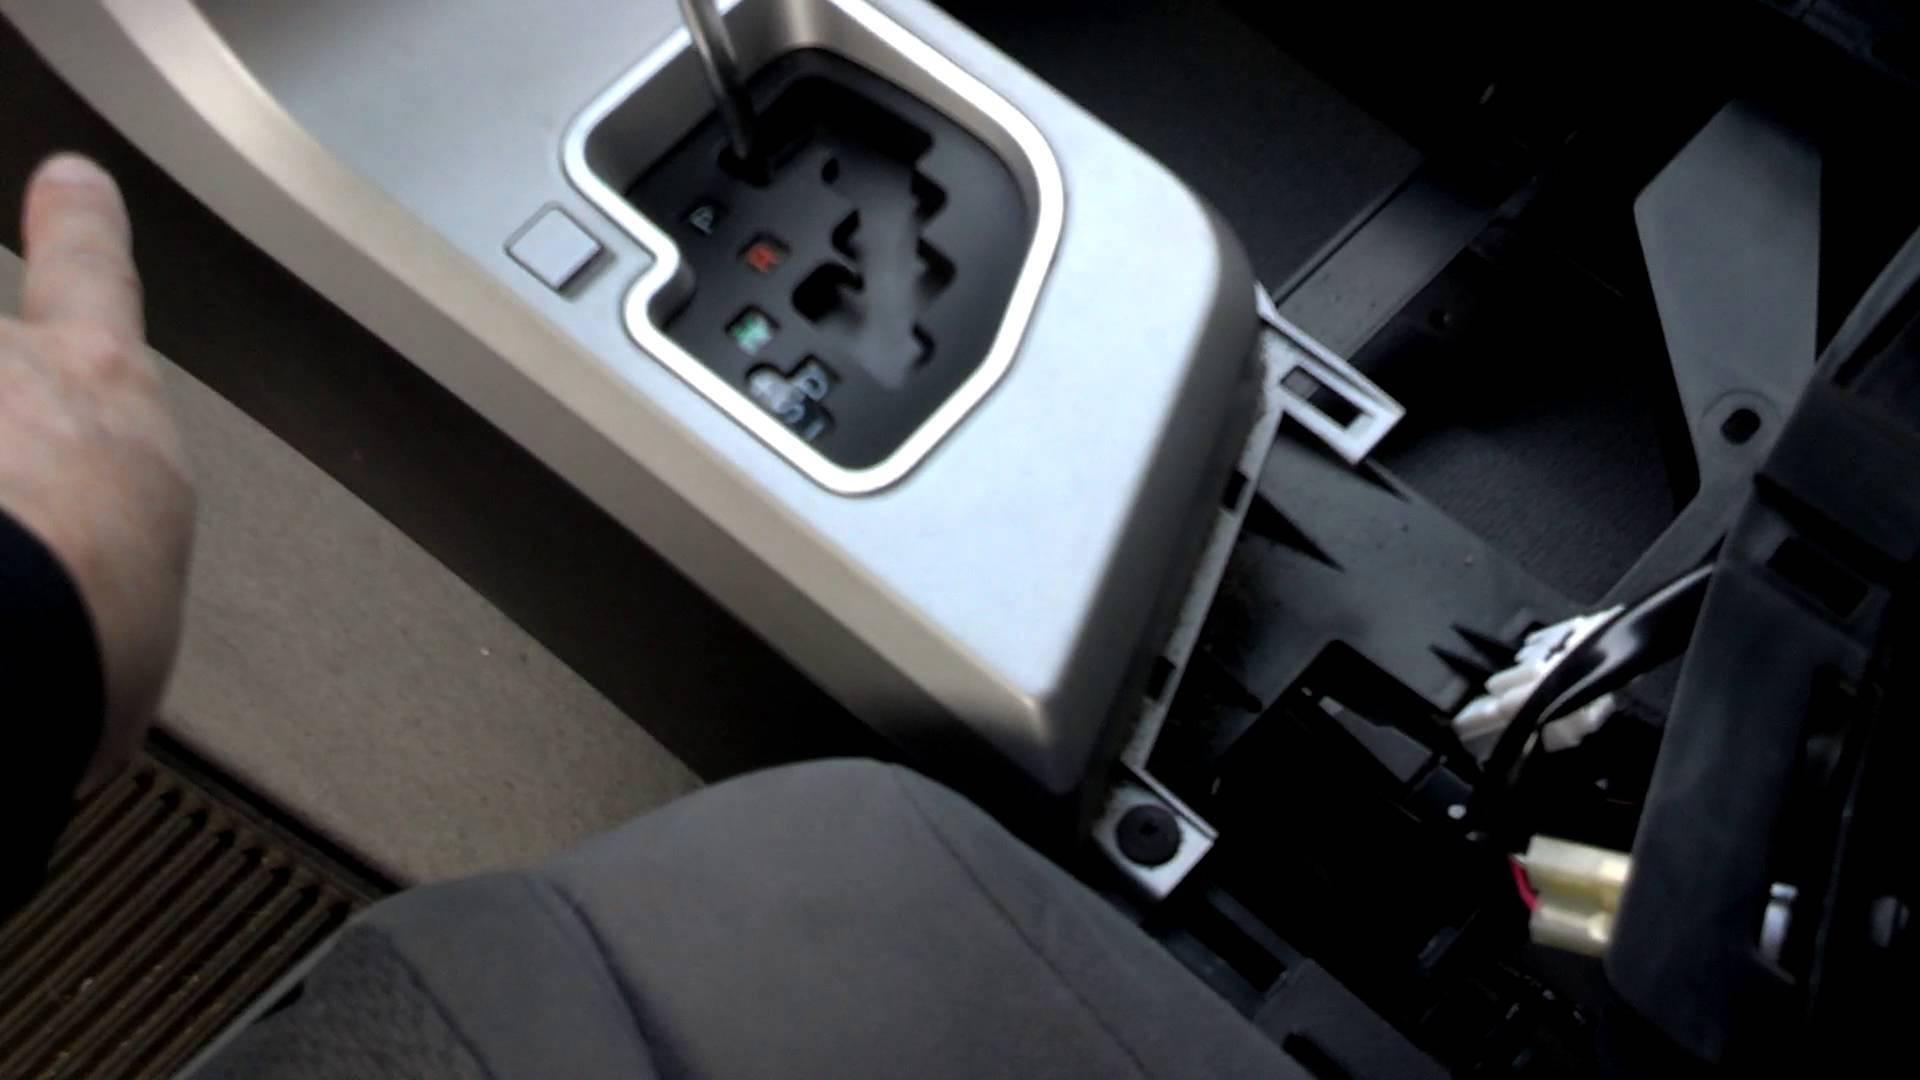 Tundra center console trim